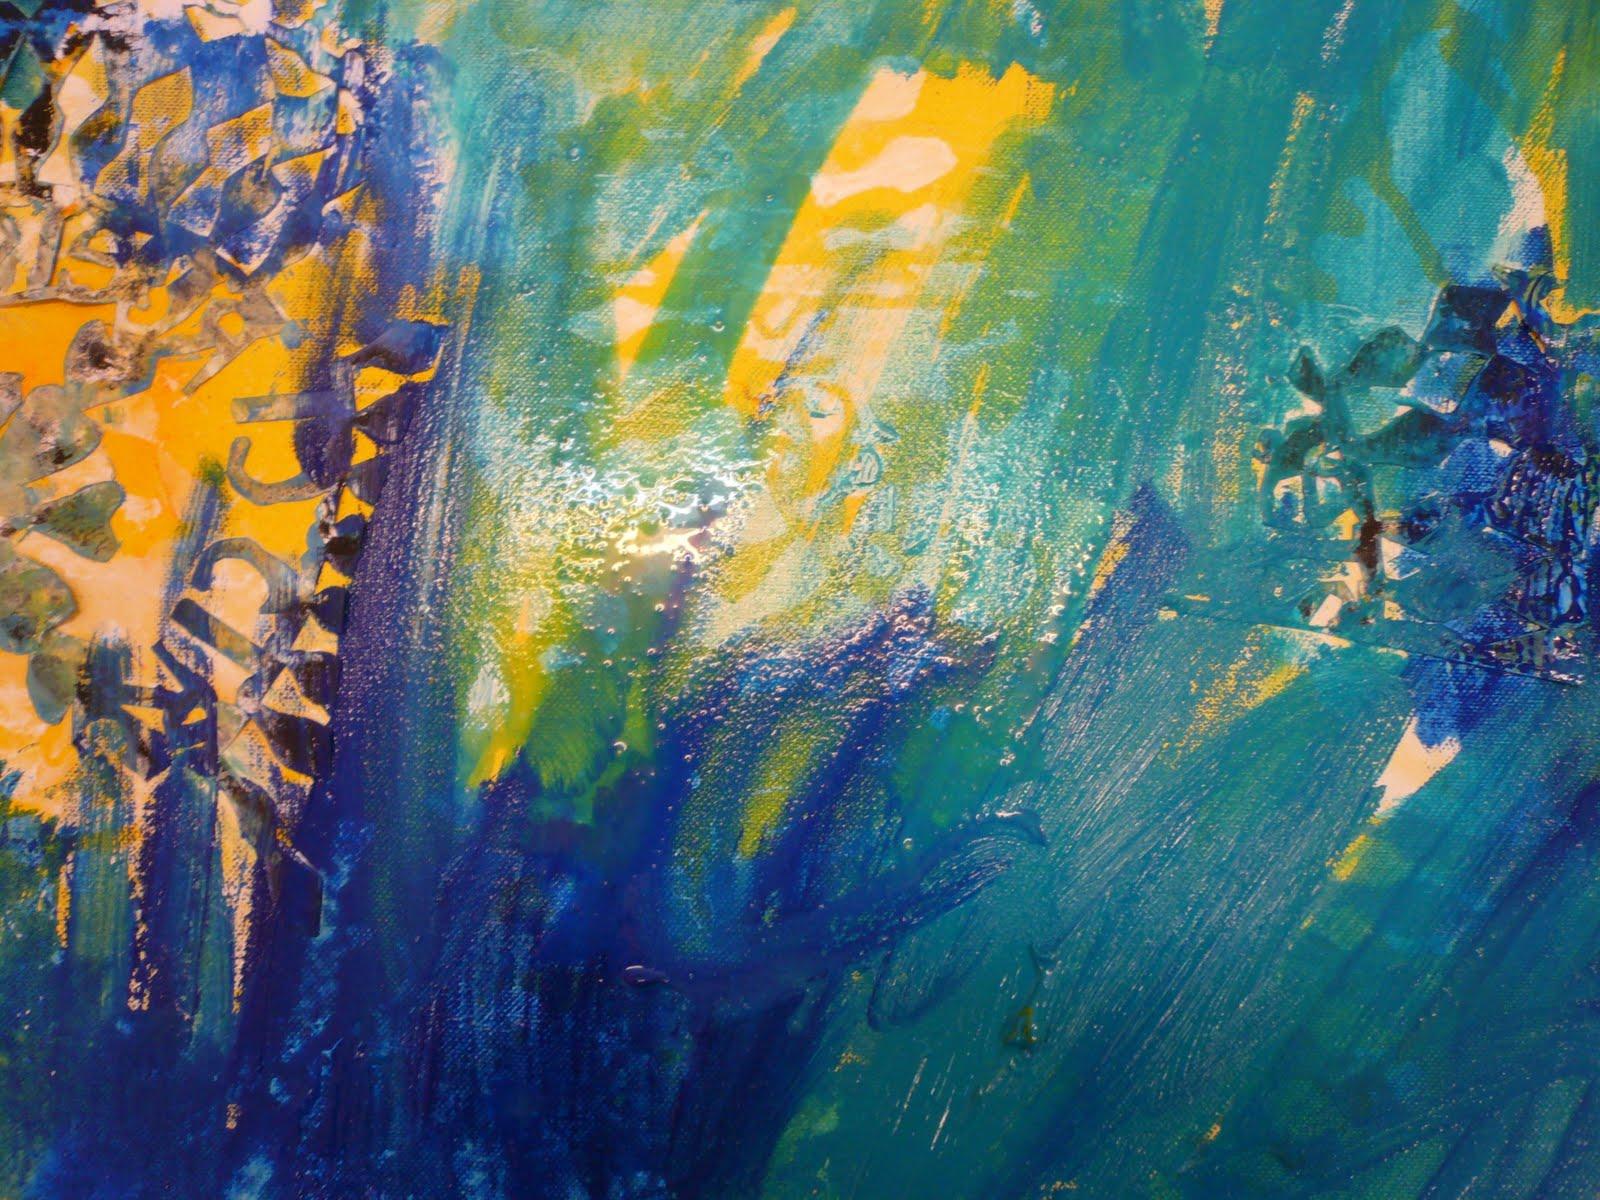 Het juwelenboek 20 vensters deel 2 - Kleur schilderij gang ...